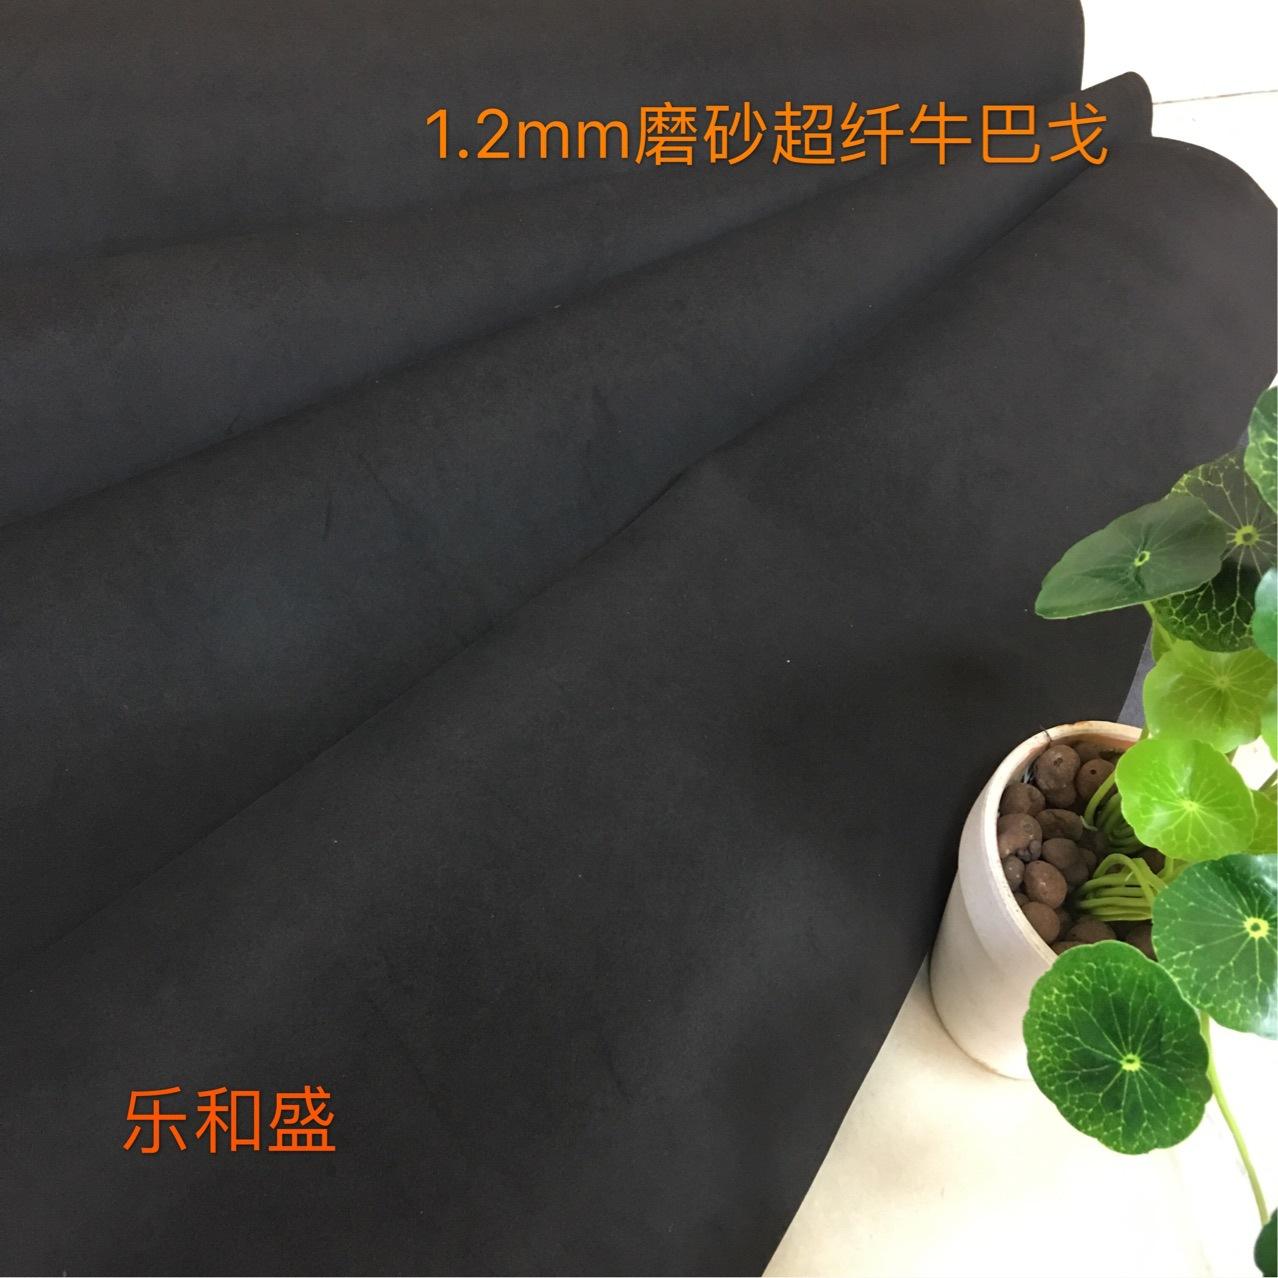 Nhà sản xuất lông siêu sợi bánh lái Bộ bò gót siêu sợi tổng hợp